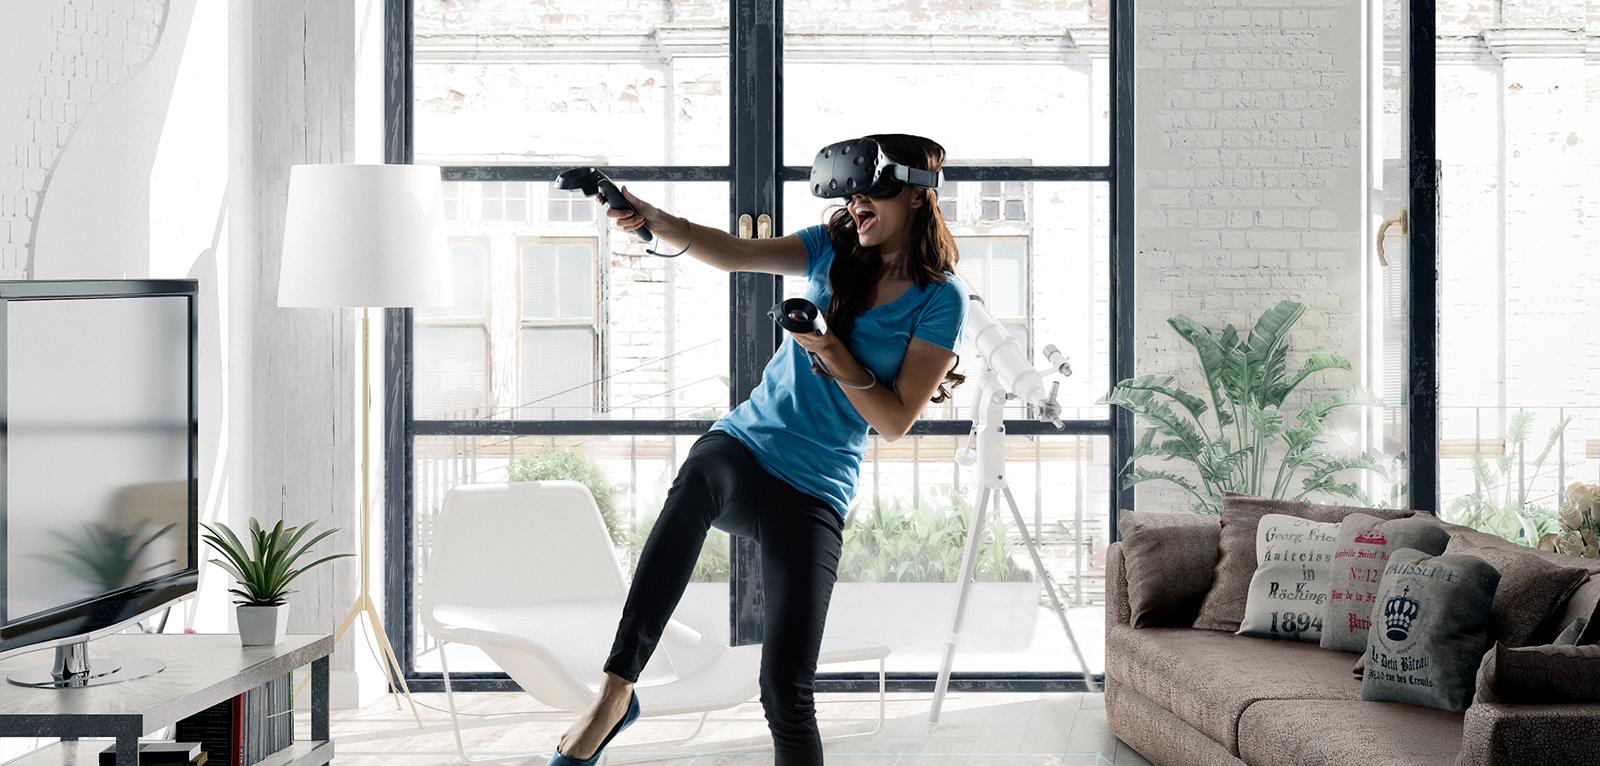 HTC Vive Announces New VR Equipment At CES